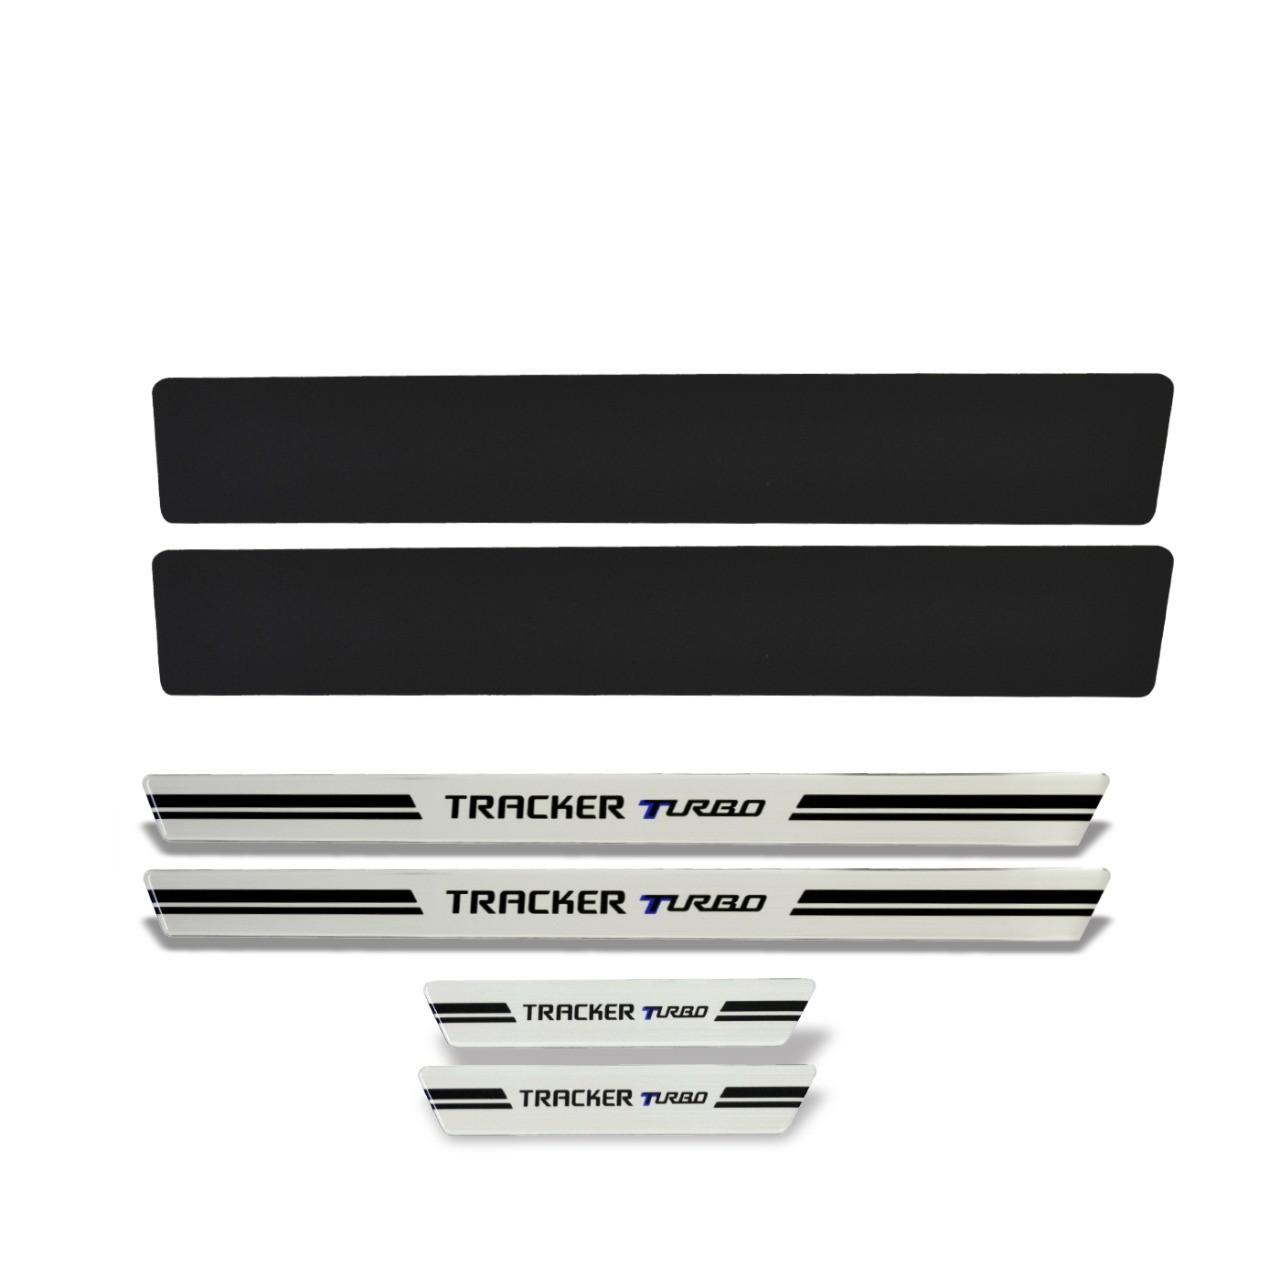 Soleira de Porta Tracker Turbo Resinada Premium Modelo Aço Escovado